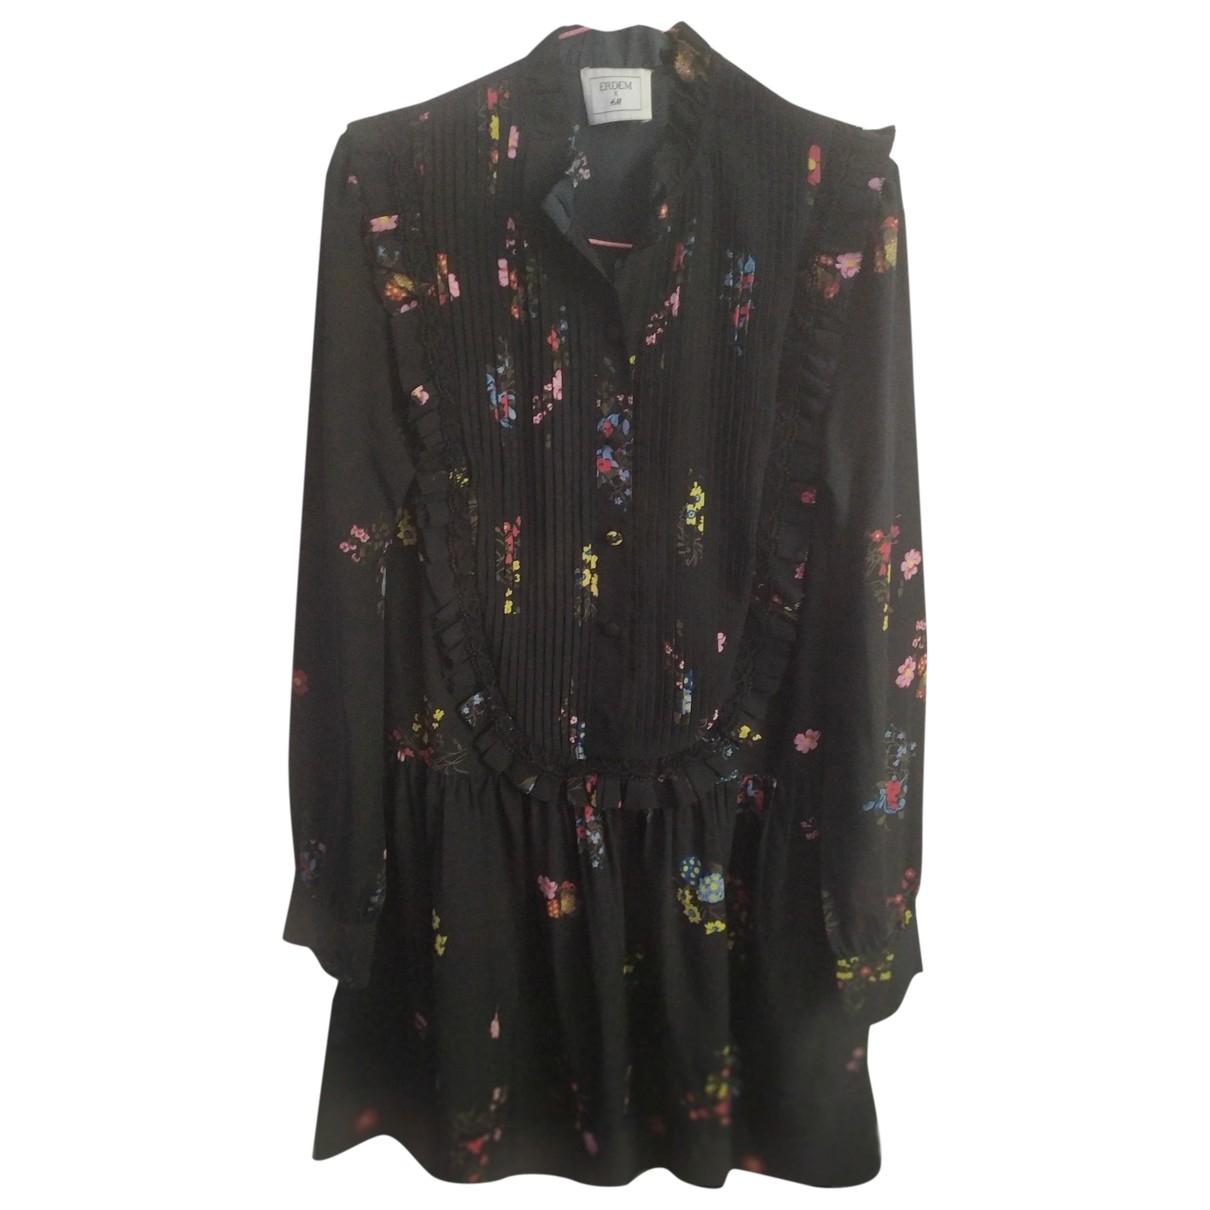 Erdem X H&m \N Kleid in  Schwarz Polyester